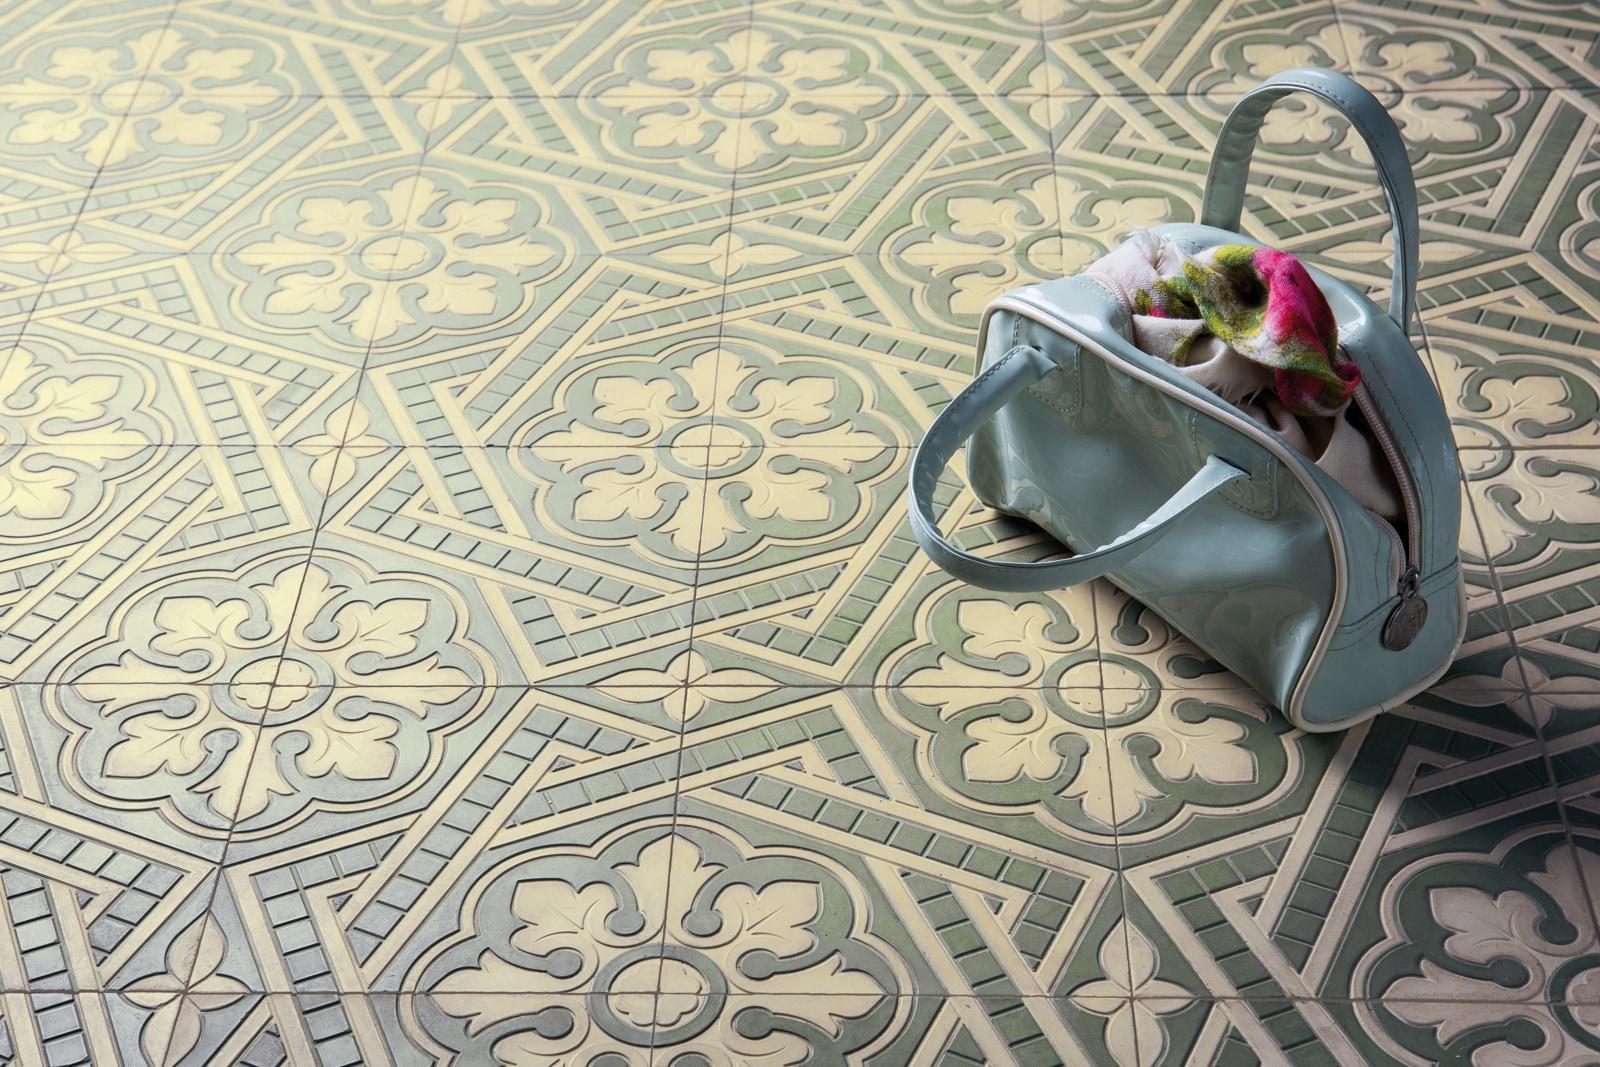 zementfliesen-VIA_zementmosaikplatten-nr.40553-flur-viaplatten | 40553